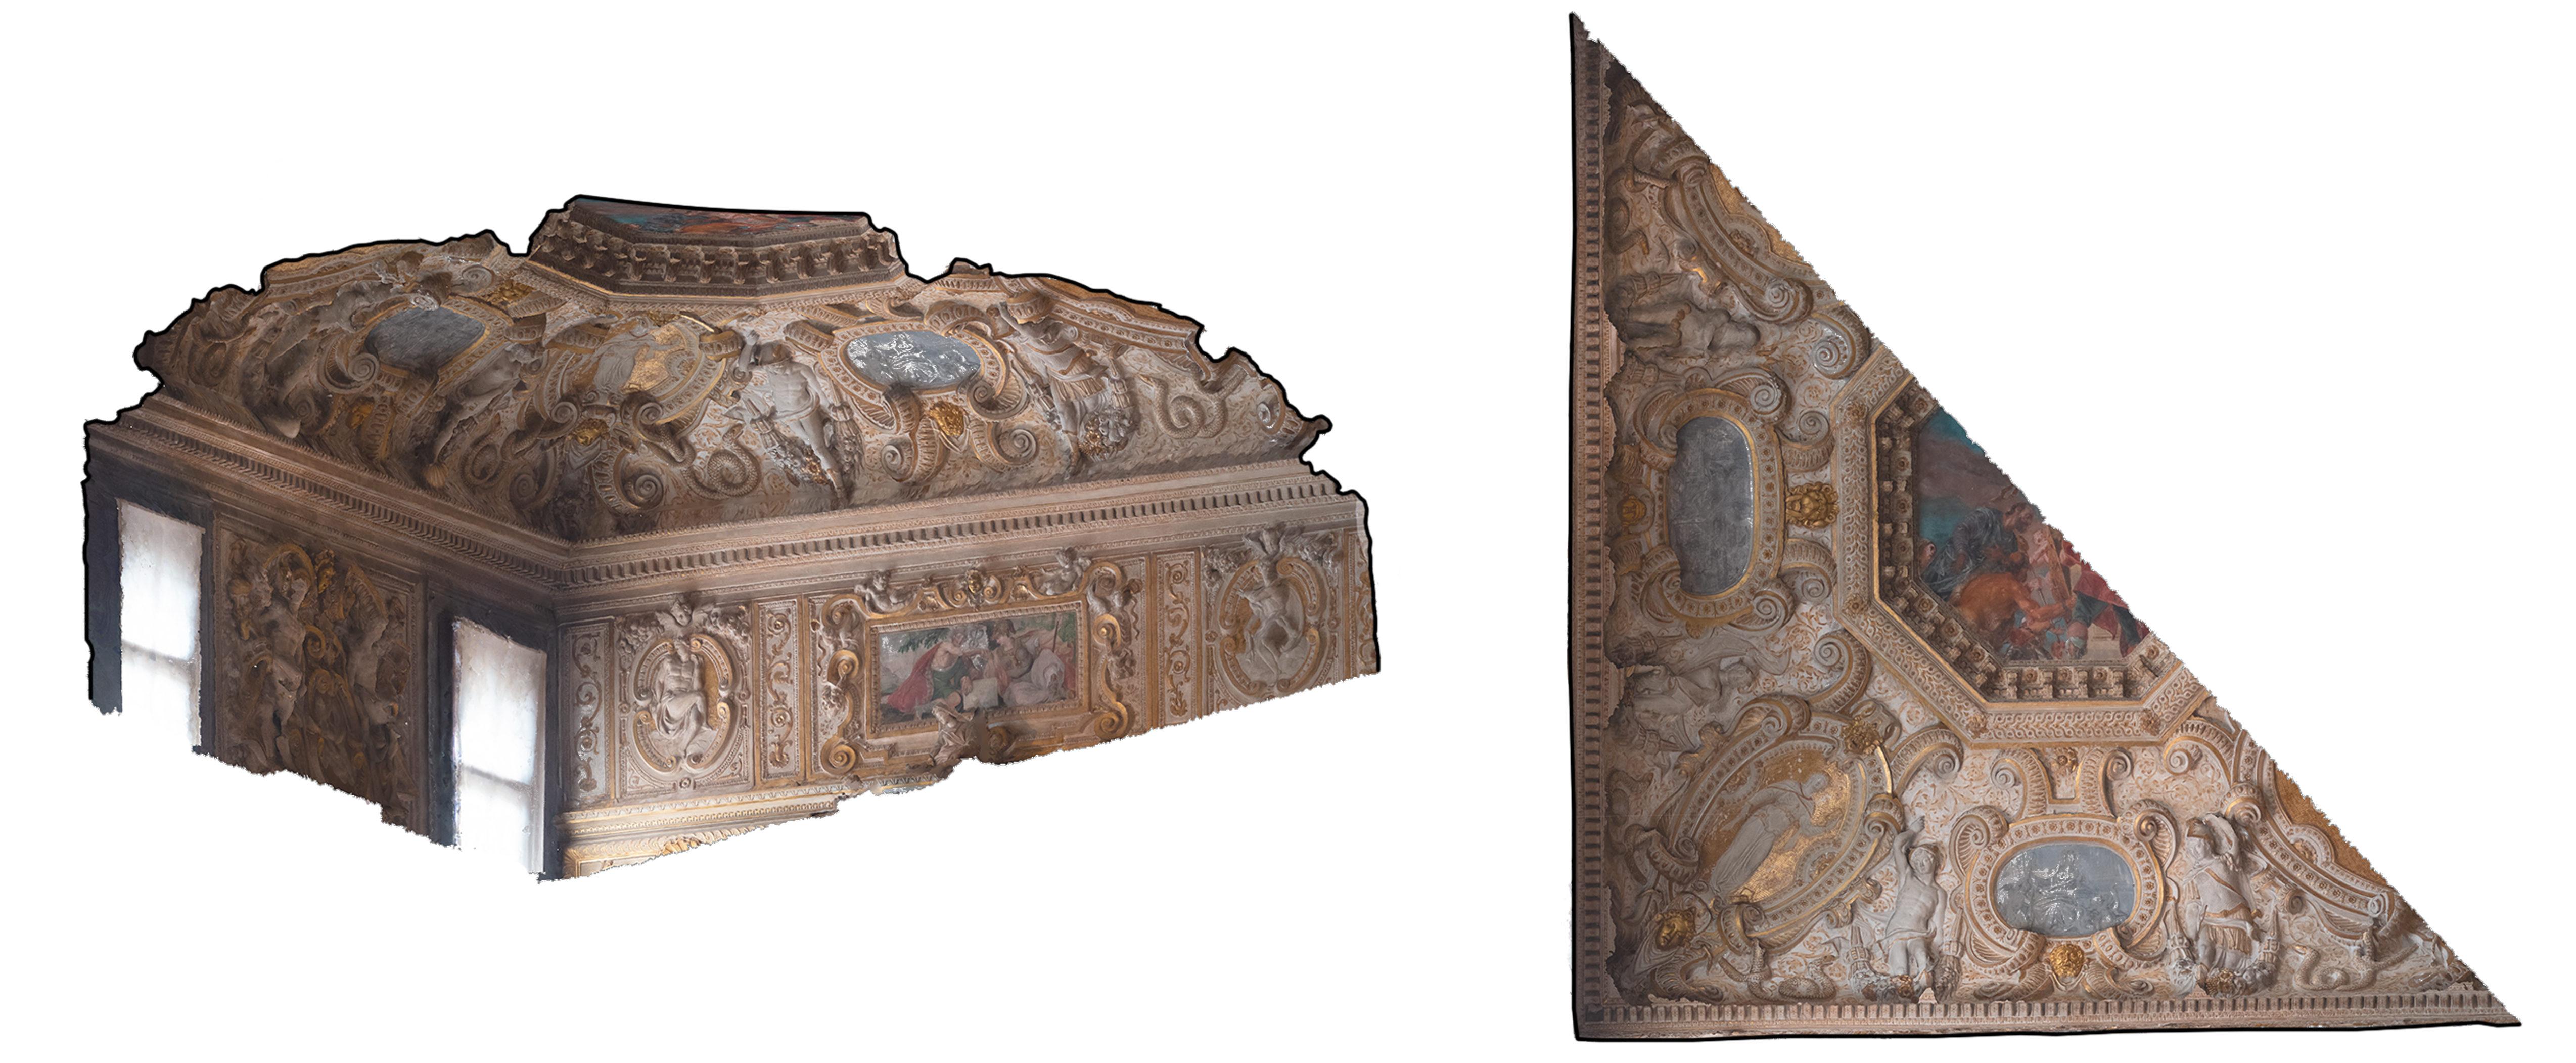 Rilievo fotogrammetrico di una porzione del soffitto decorato dell'atrio quadrato del Palazzo Ducale di Venezia